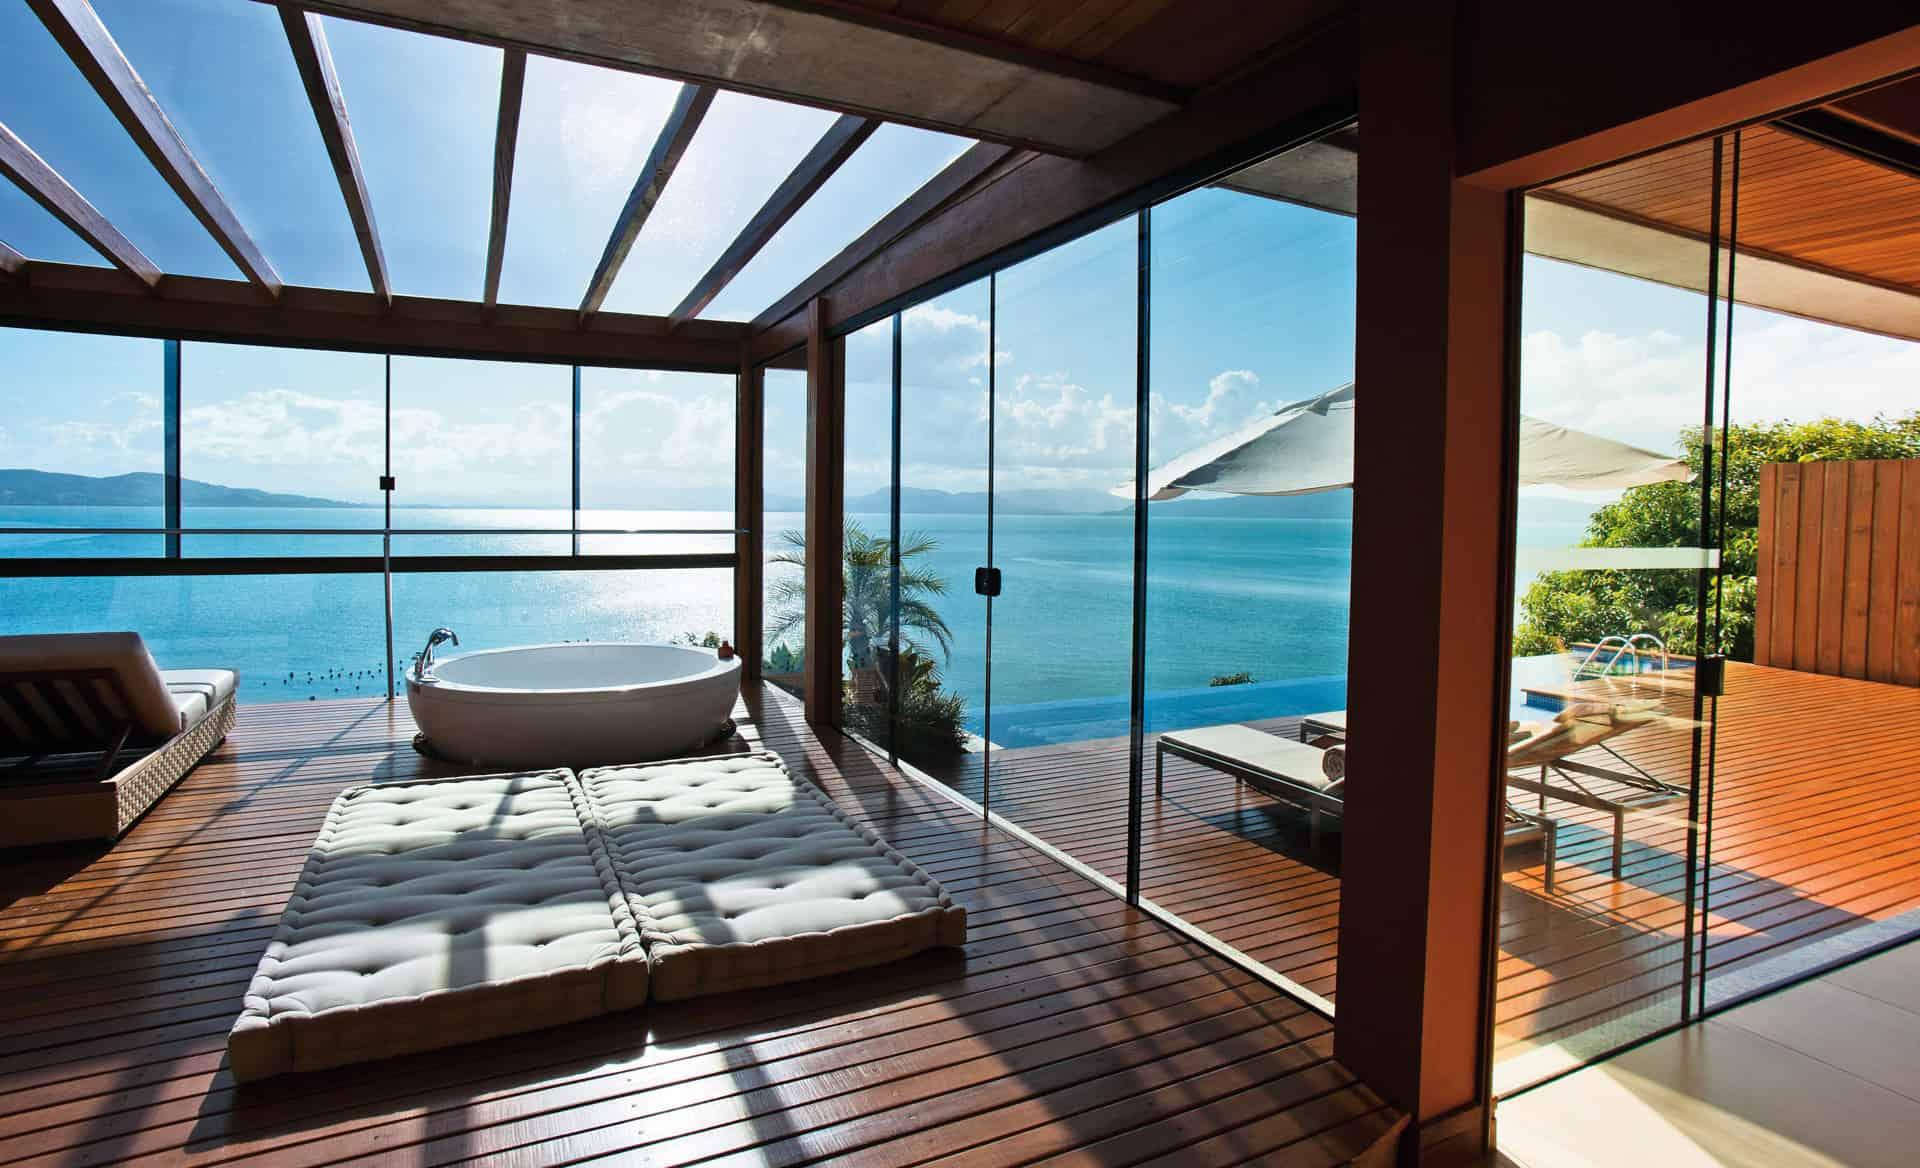 Ponta dos Ganchos Resort, Brazilië